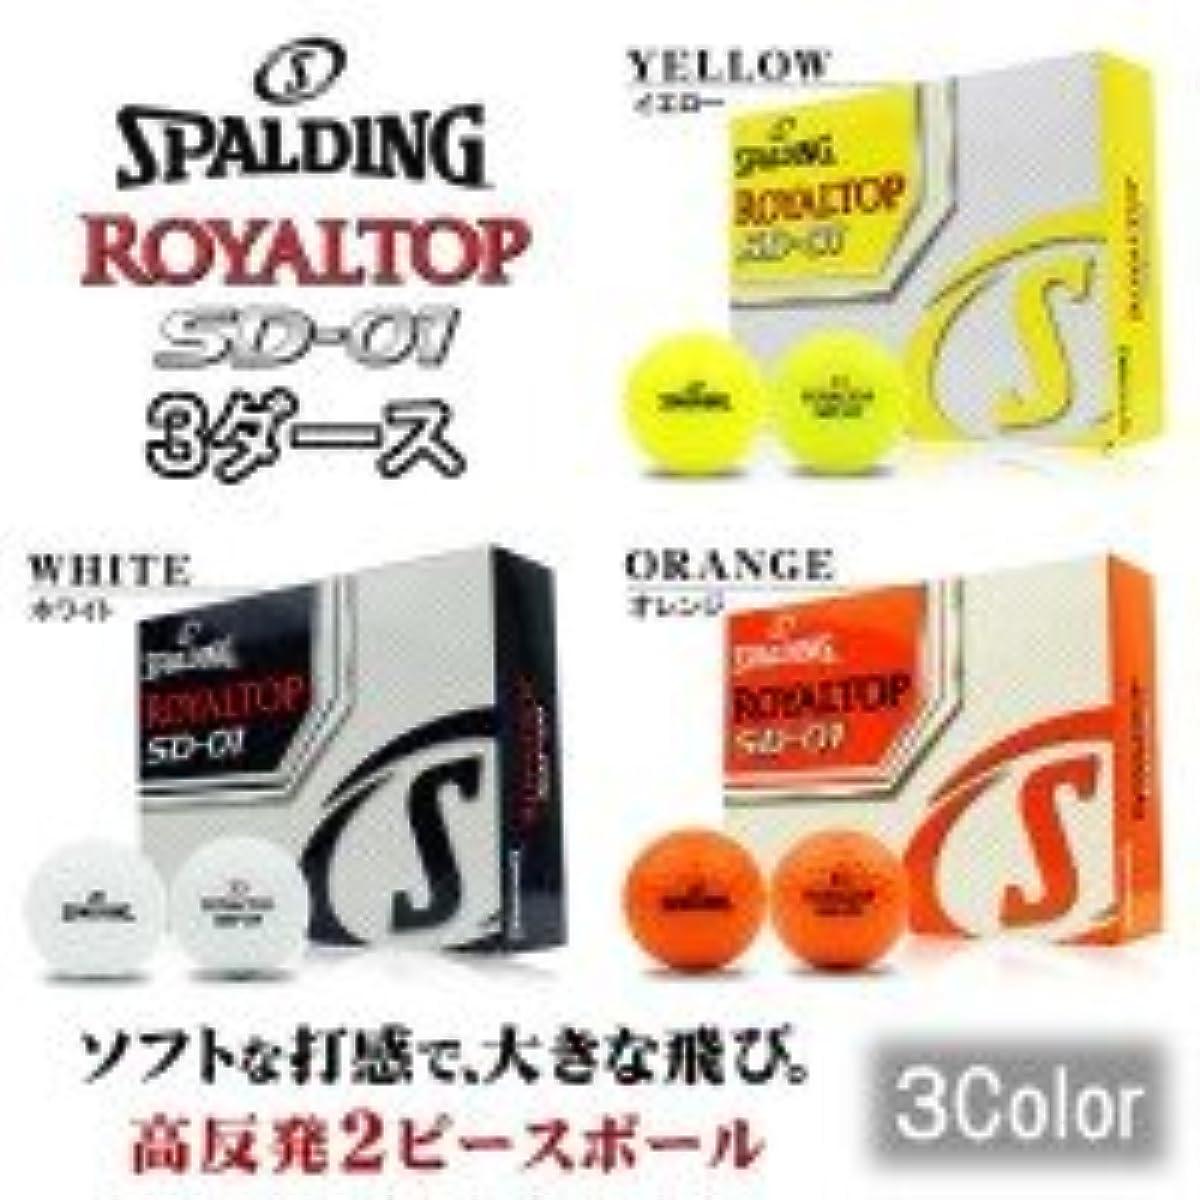 [해외] SPALDING(?) ROYALTOP 골프 볼 3다스(36개 들이) SD-01 화이트 1022460